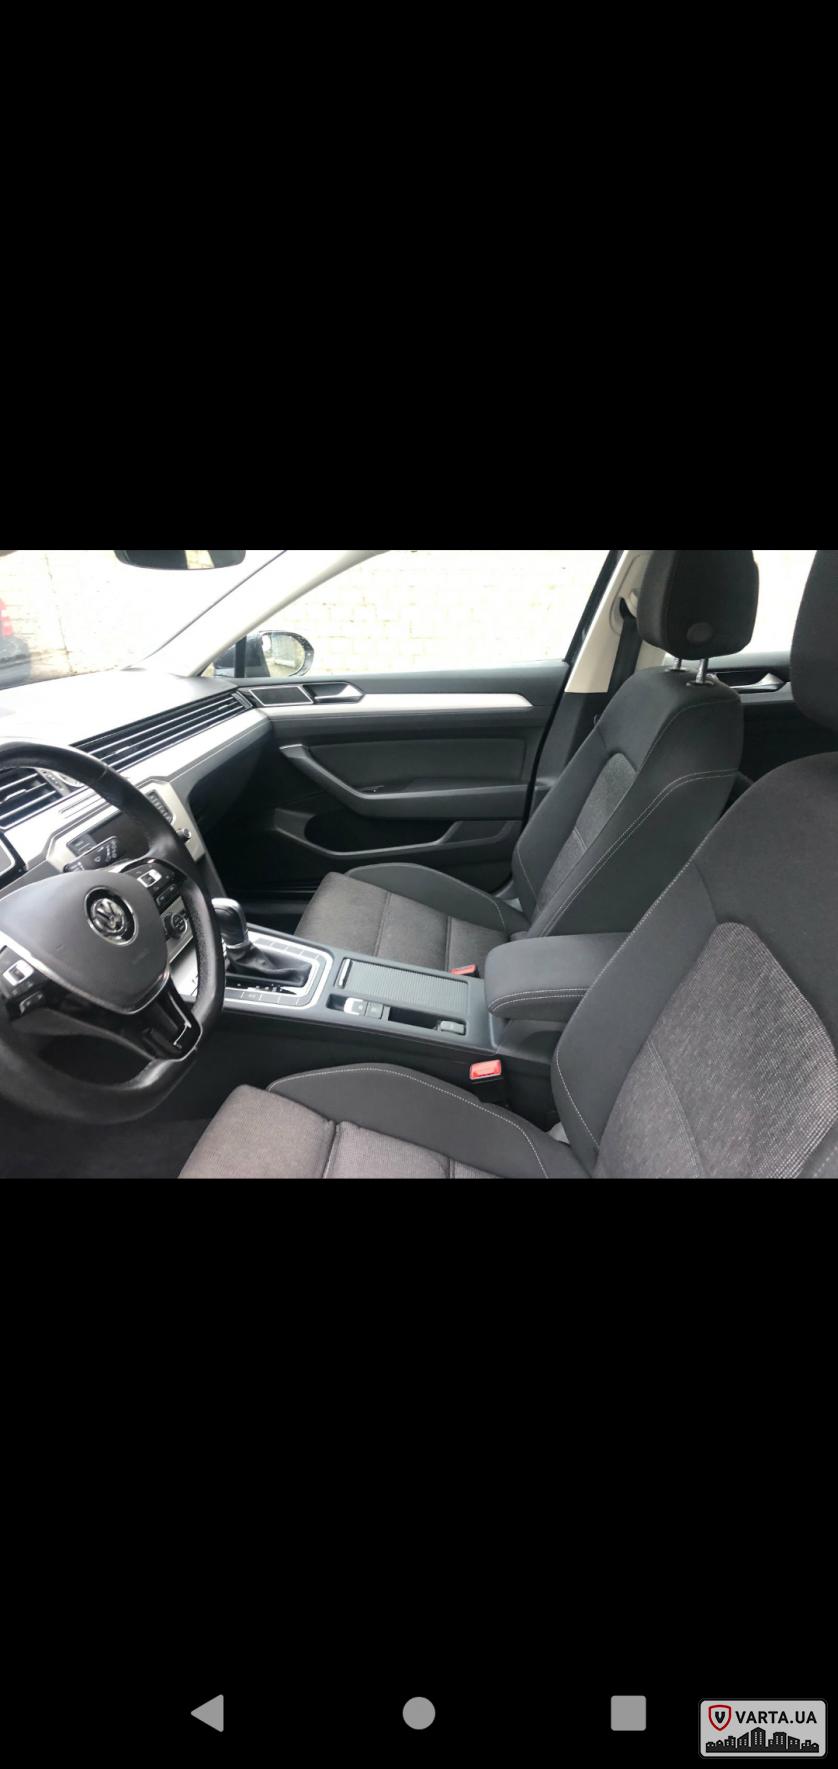 Пригон VW PASSAT b8 зображення 2